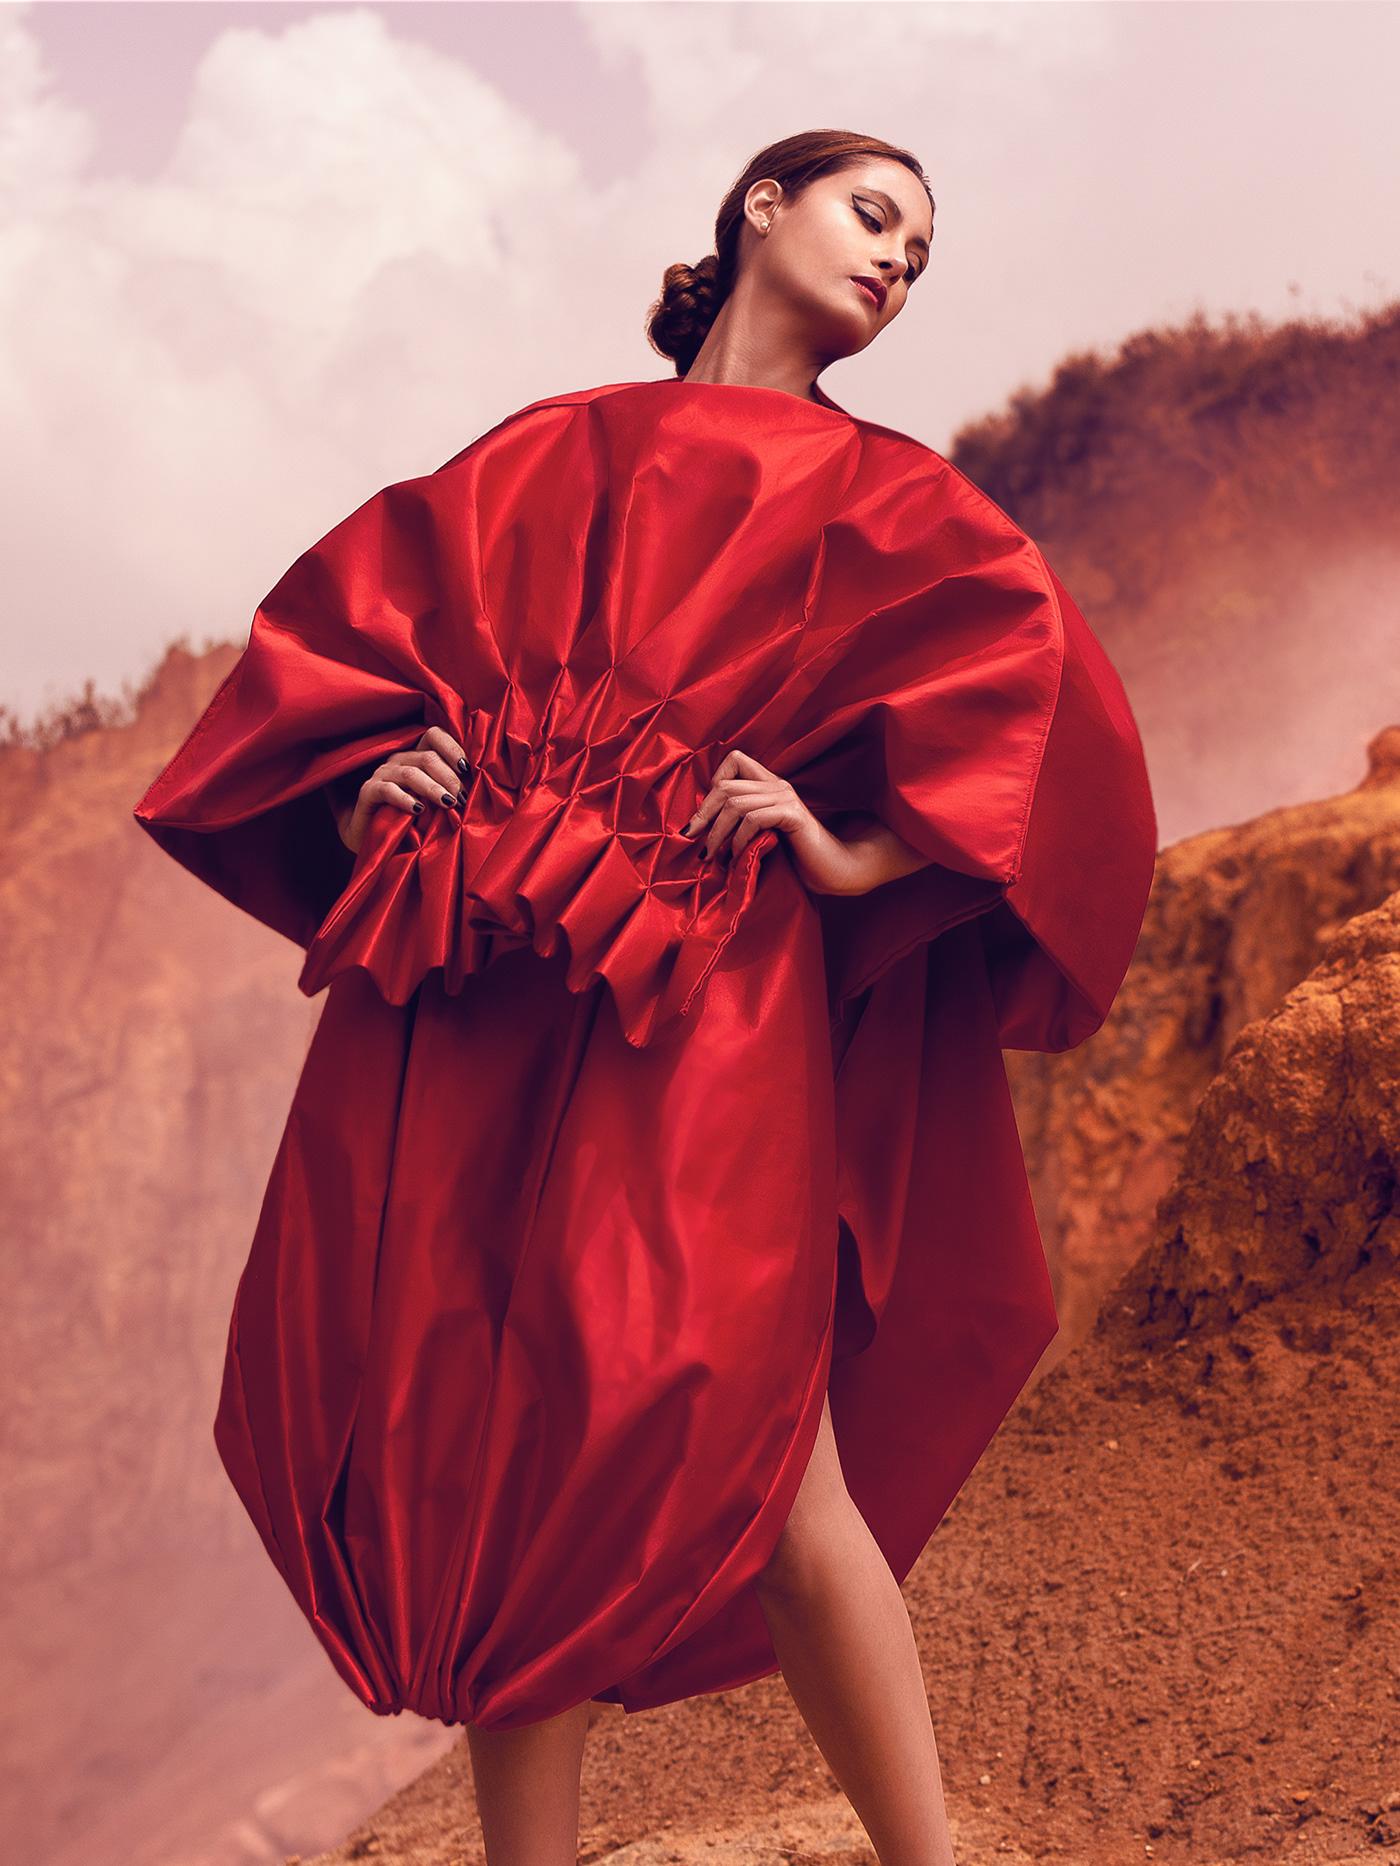 Fashion  Photography  red dress retouching  desert futurist